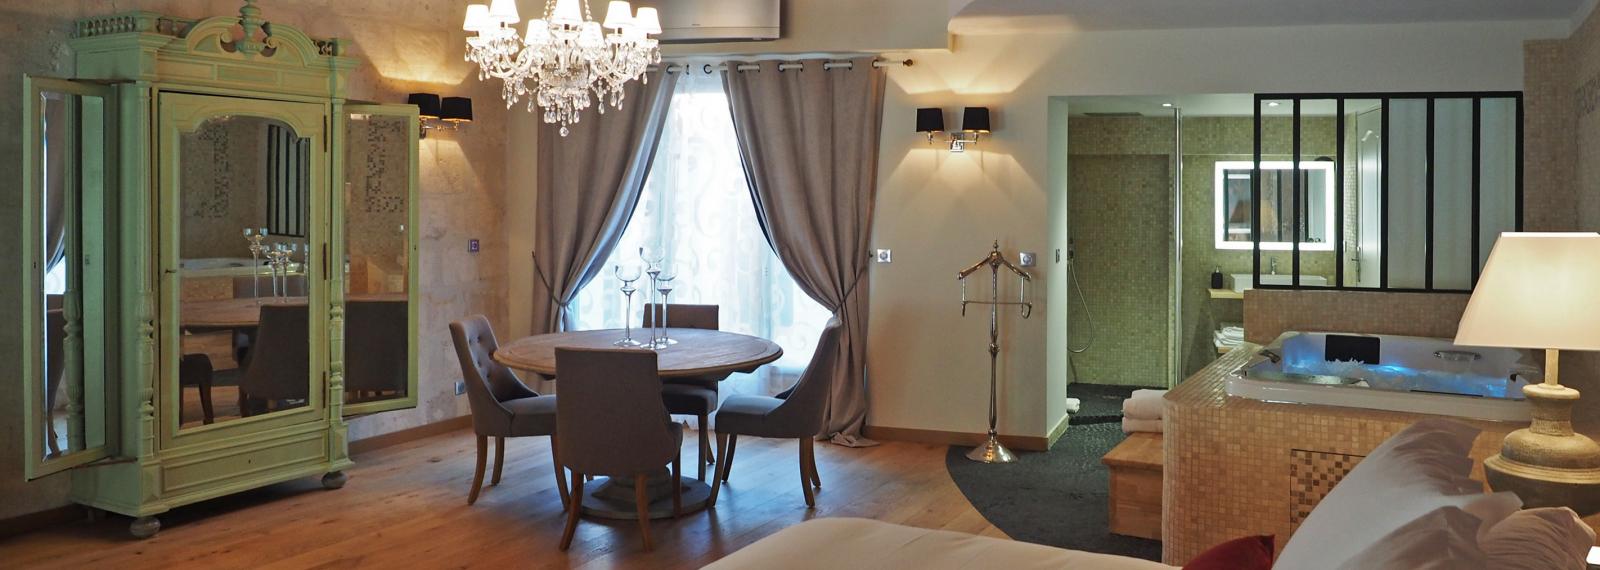 Chambres d'hôtes Les Variétés à Saint-Rémy-de-Provence